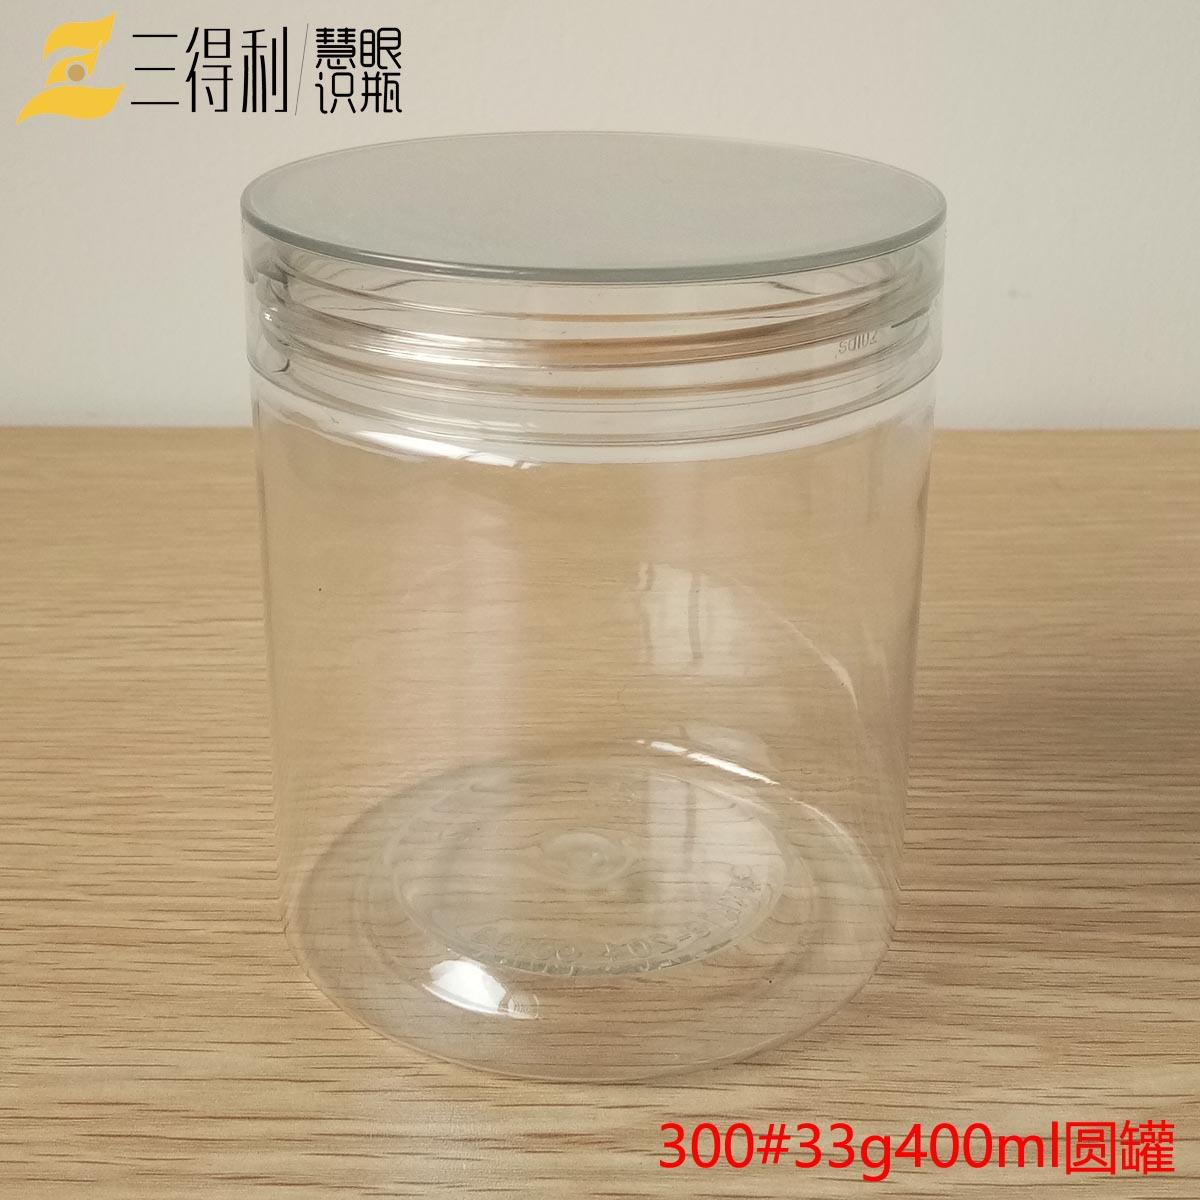 新款食品塑料包装瓶400ml旋钮盖易拉罐 食品级高透明塑料蜂蜜瓶子